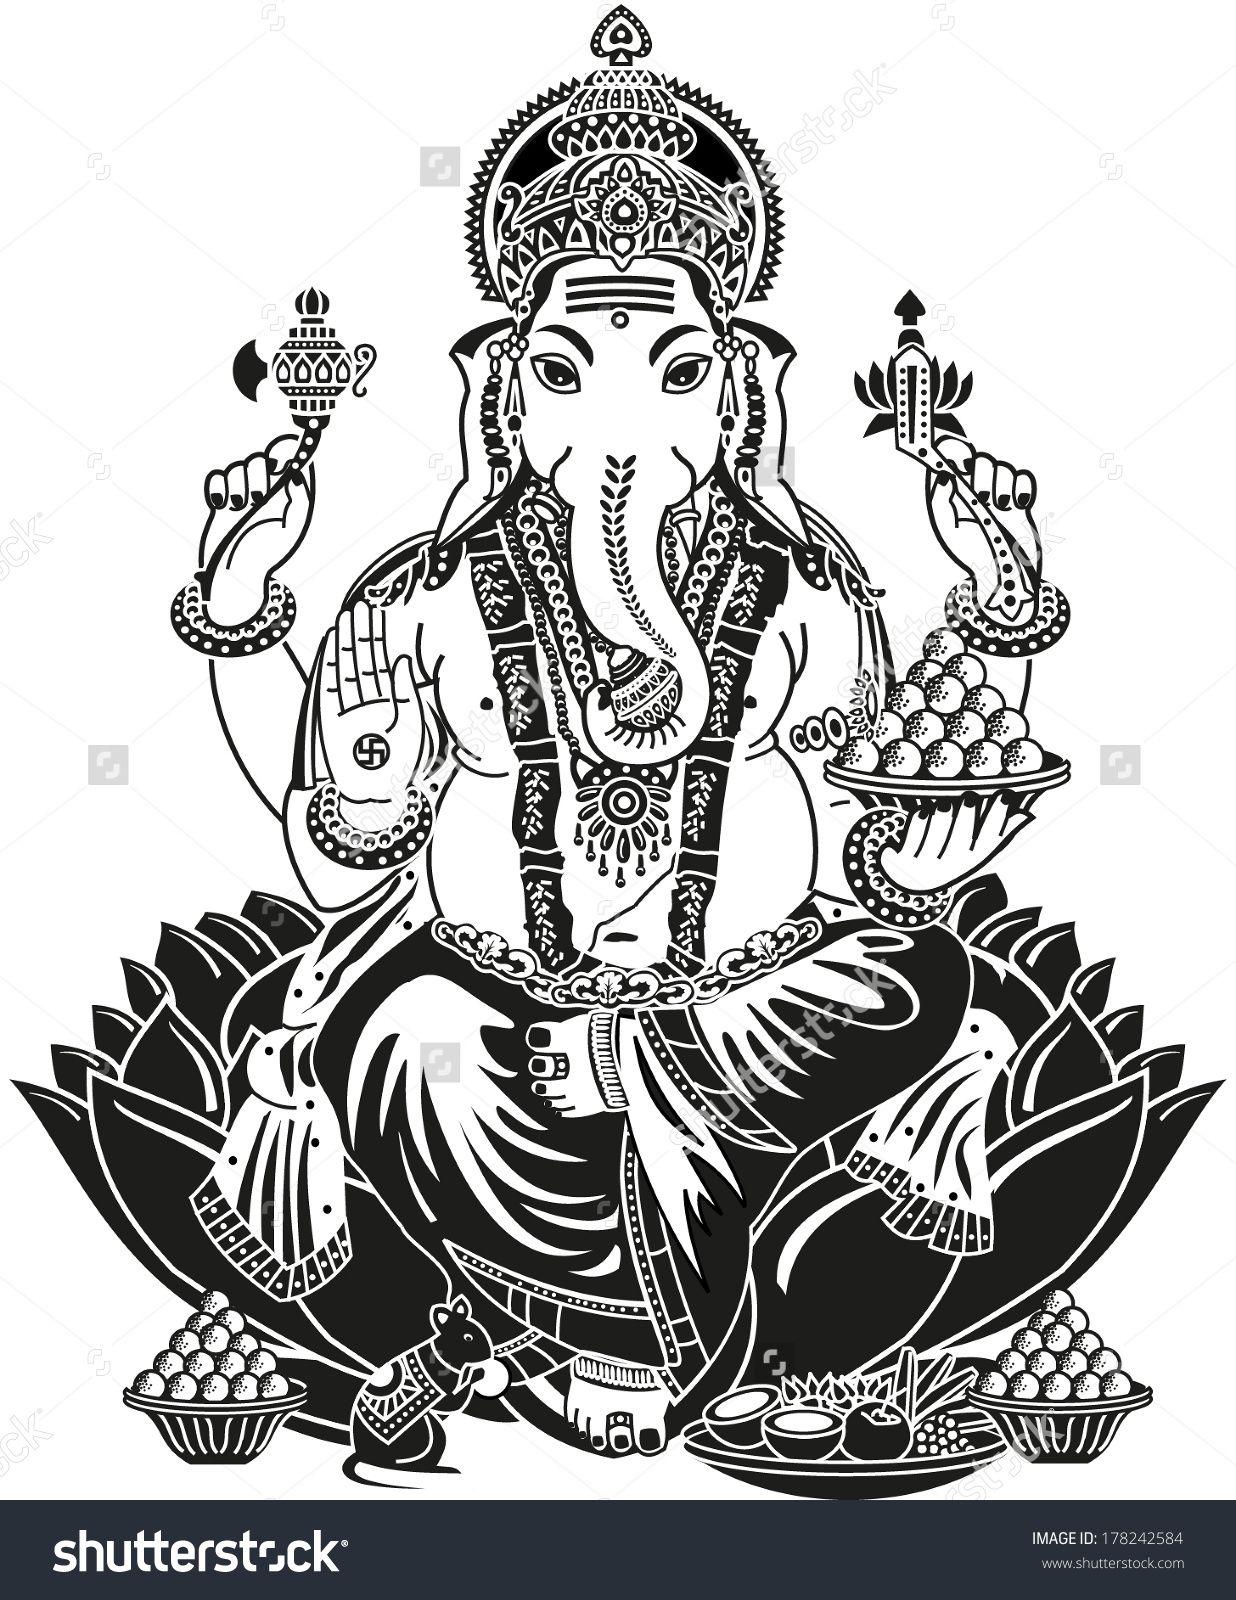 Pin de Geeta Kashyap en Lord Ganesha | Pinterest